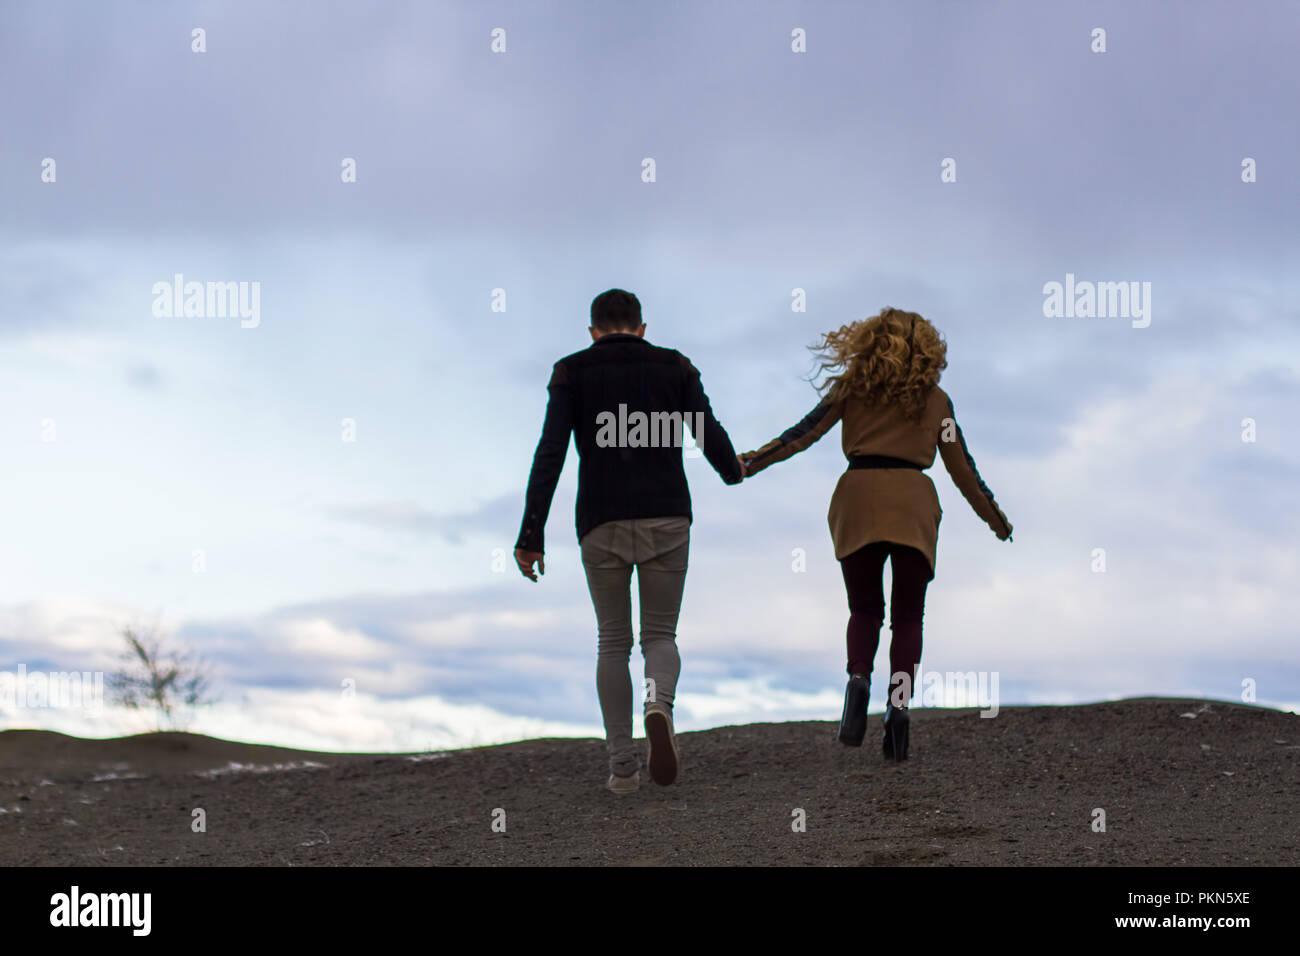 Beau couple amoureux à la Saint-Valentin. Happy young couple en train de marcher sur la plage de sable de montagne sur un jour nuageux Photo Stock